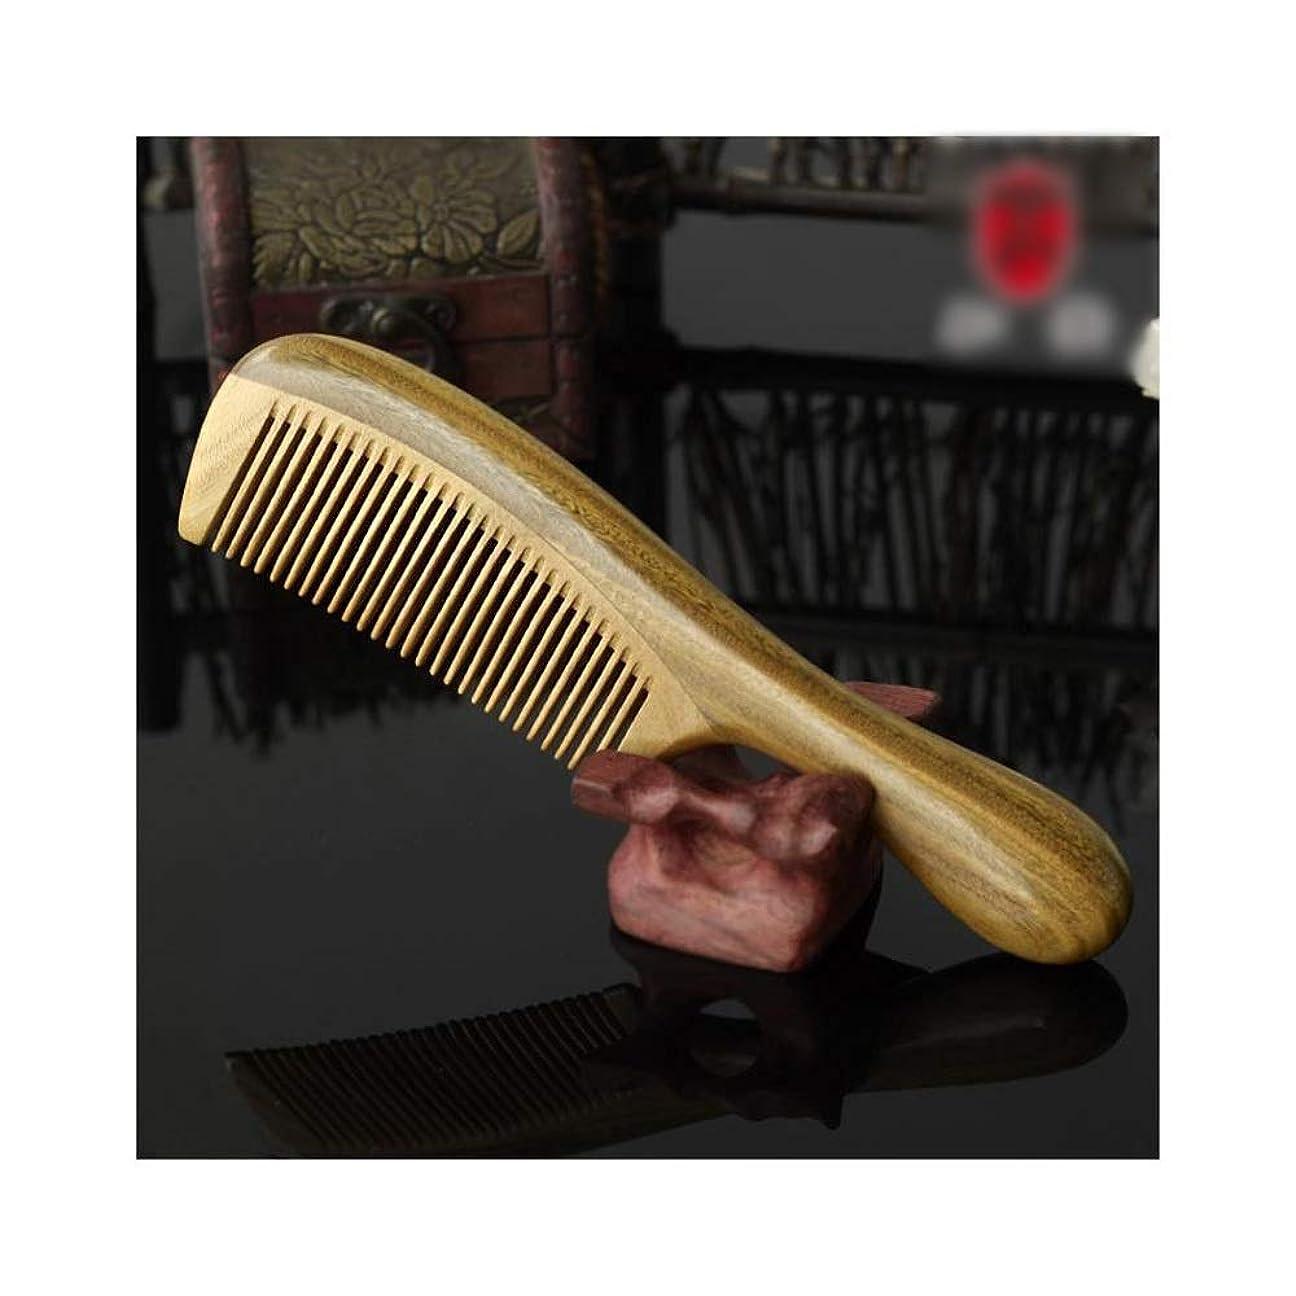 物理的なクランプバラ色WASAIO 無静的マッサージ髪の木製くしDetangleコムズメンズ?レディース?ブラシセットパドルナチュラルグリーンサンダルウッドヘアカットツール